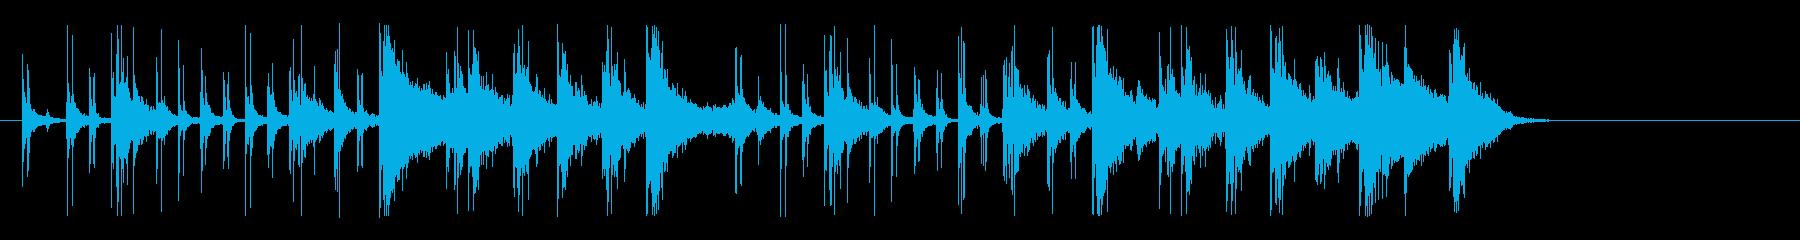 ファンキー&アップビートなリズムロゴの再生済みの波形